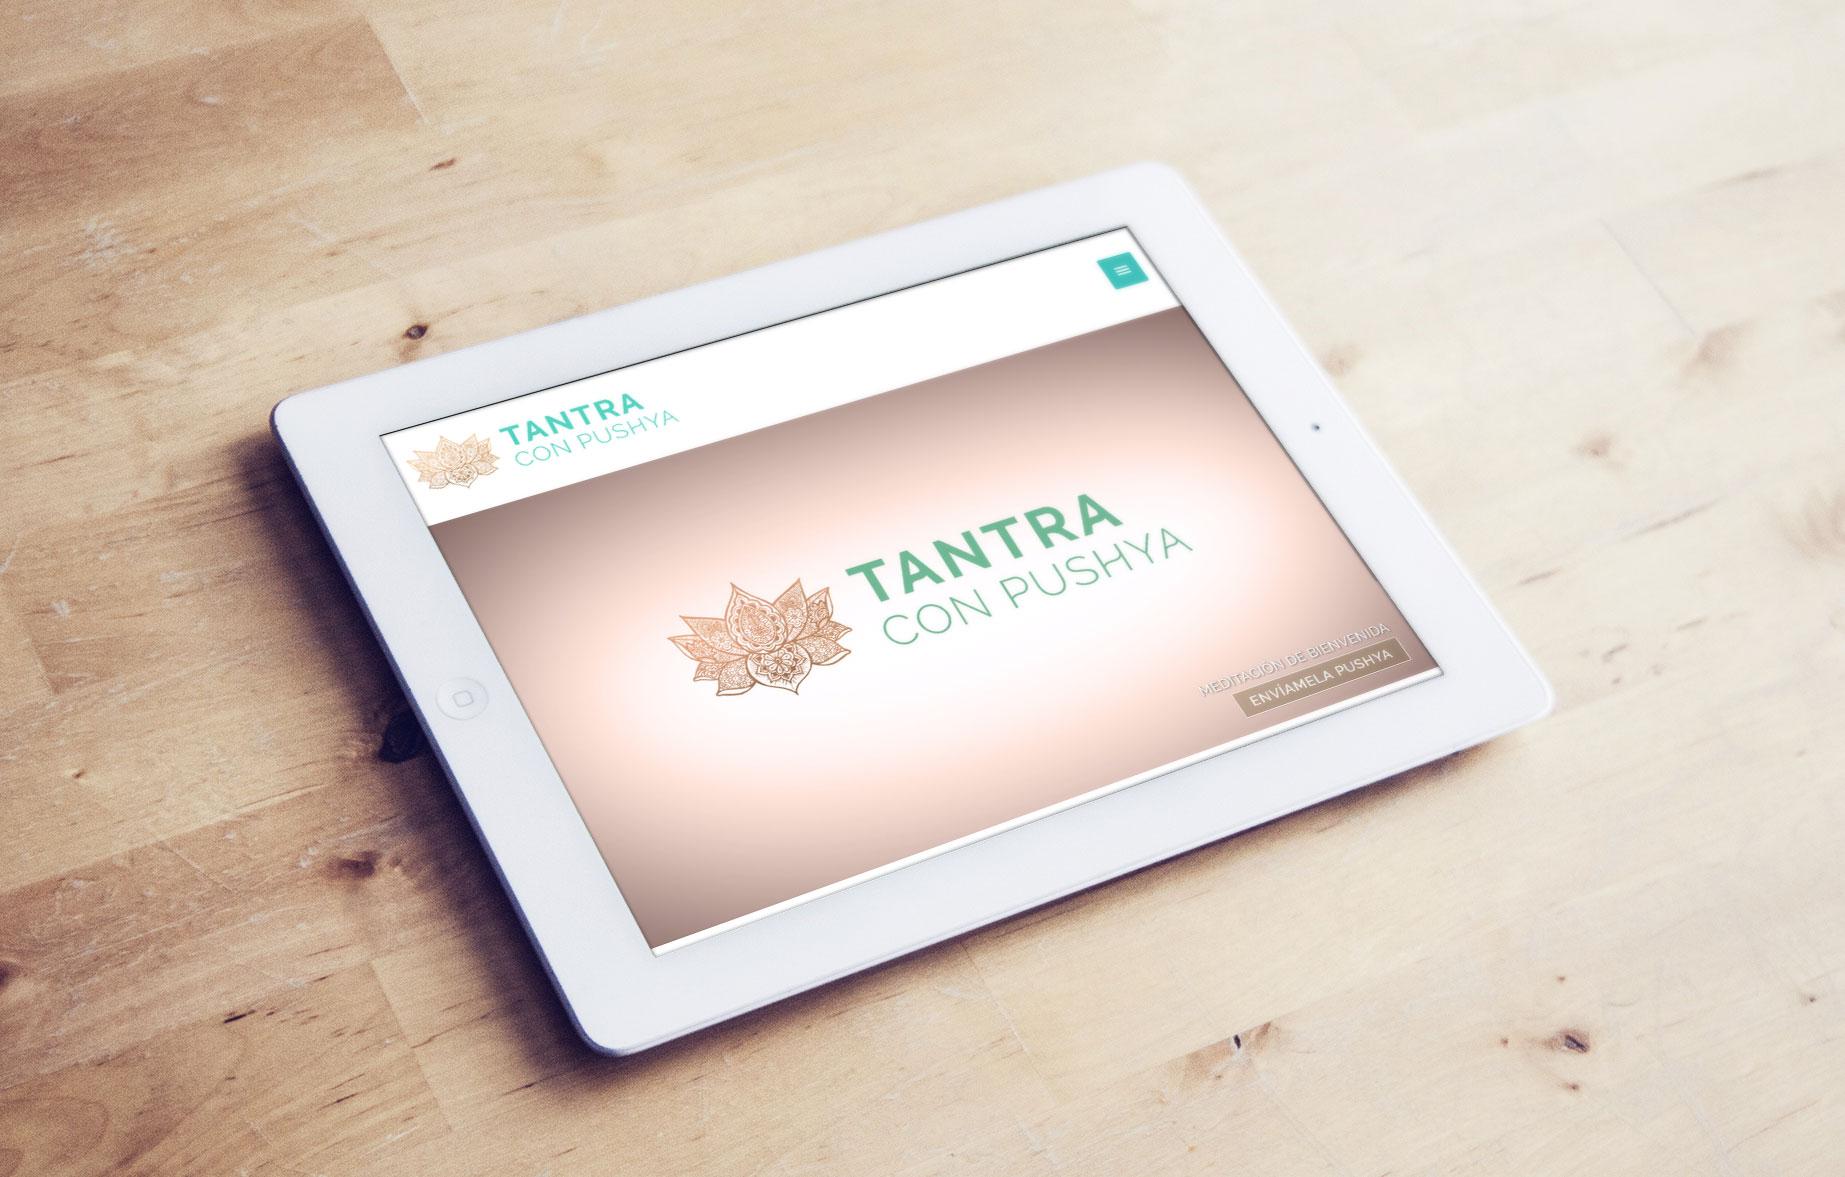 Web tantraconpushya.es por UyM